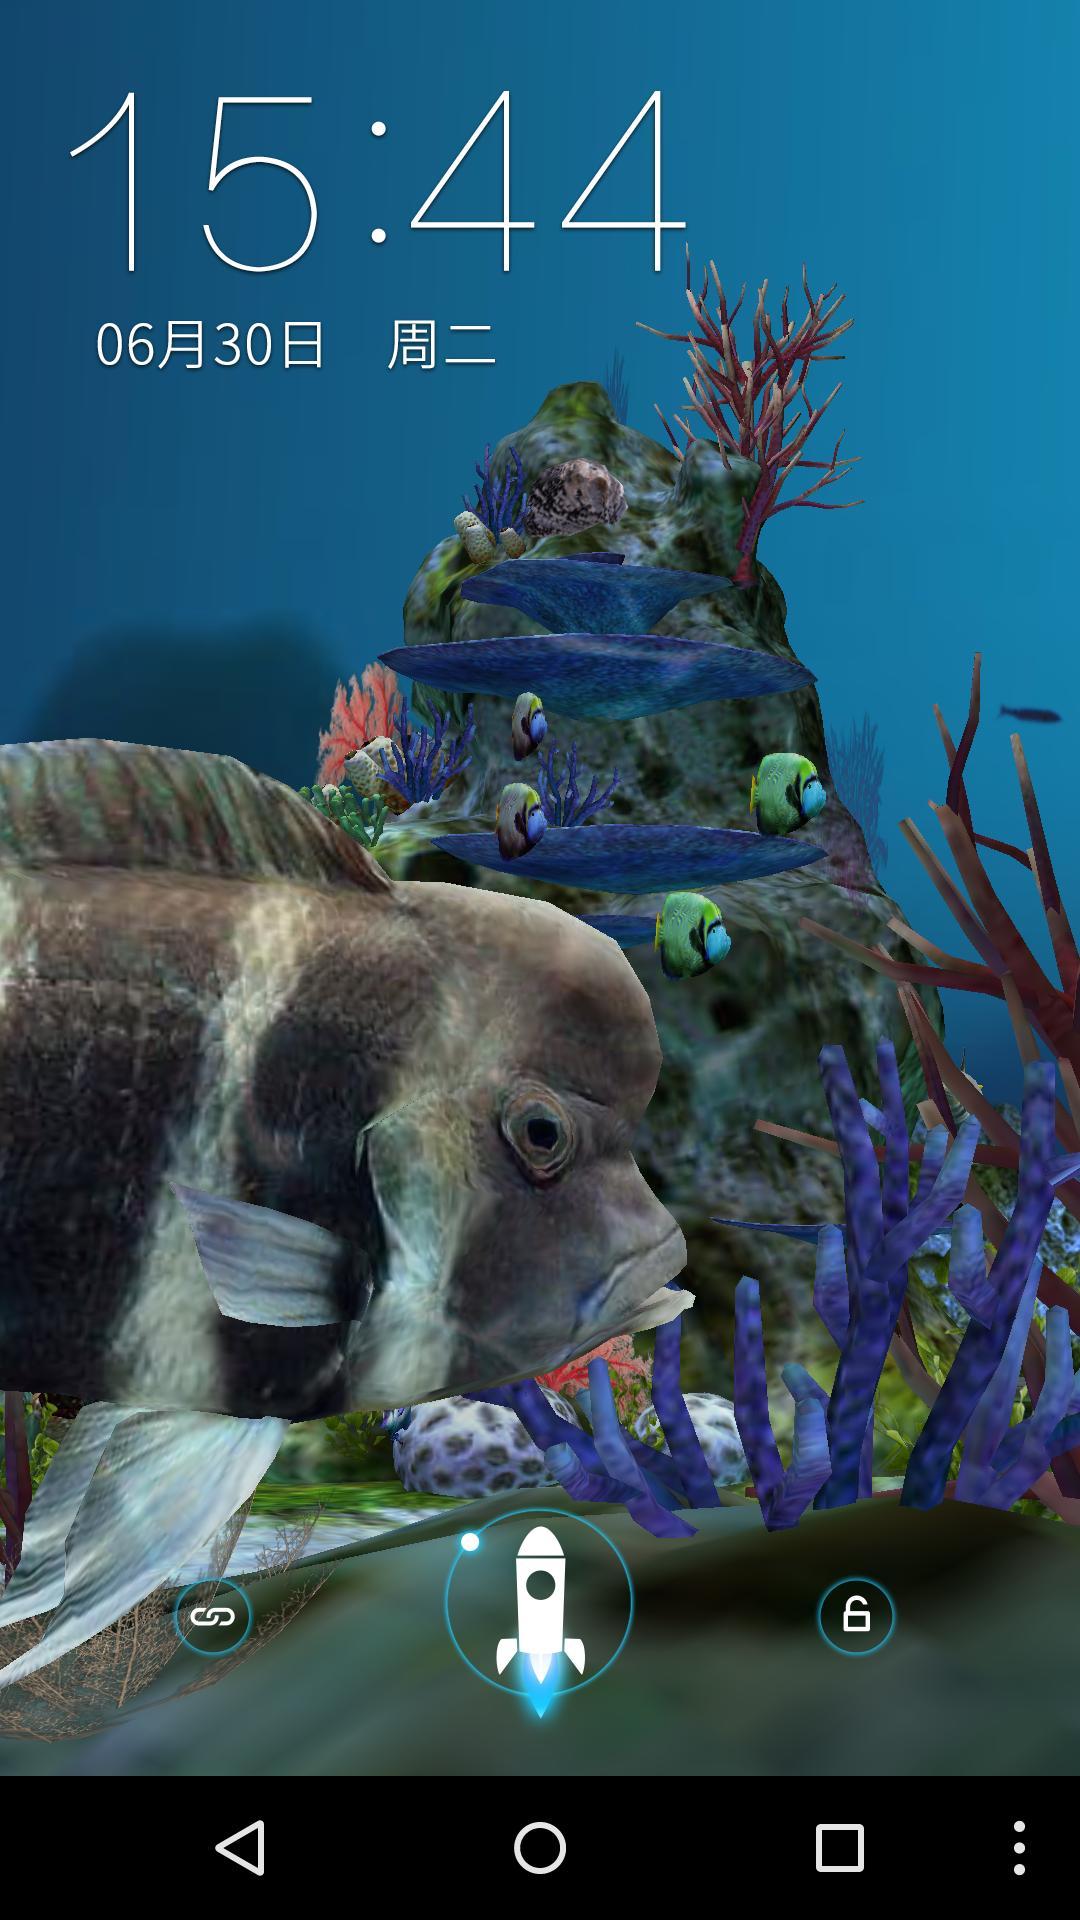 3D水族馆-梦象动态壁纸-应用截图